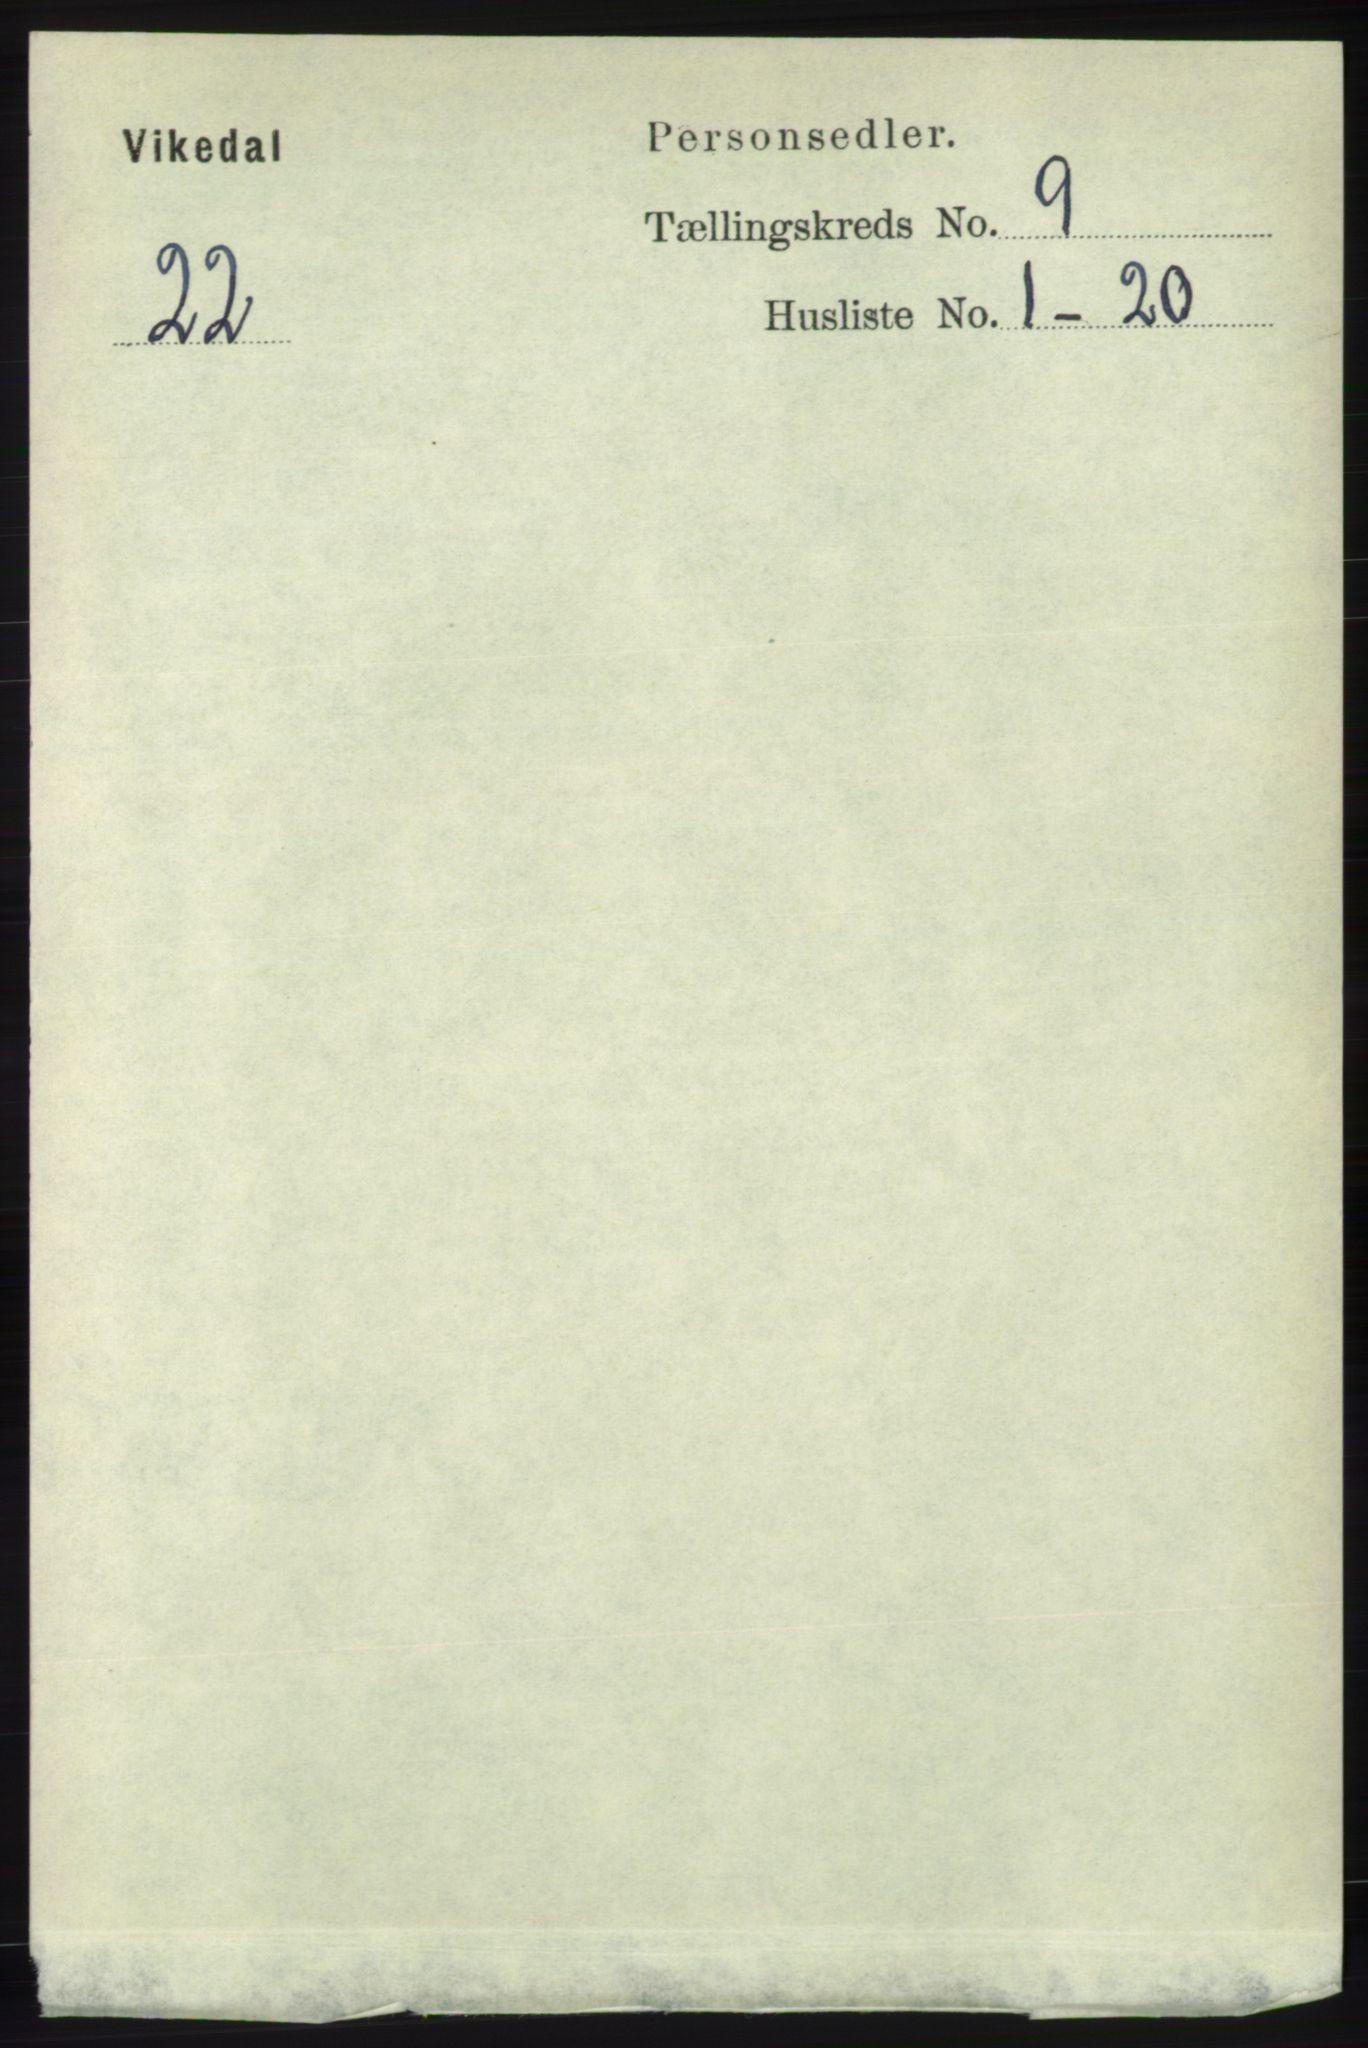 RA, Folketelling 1891 for 1157 Vikedal herred, 1891, s. 2365